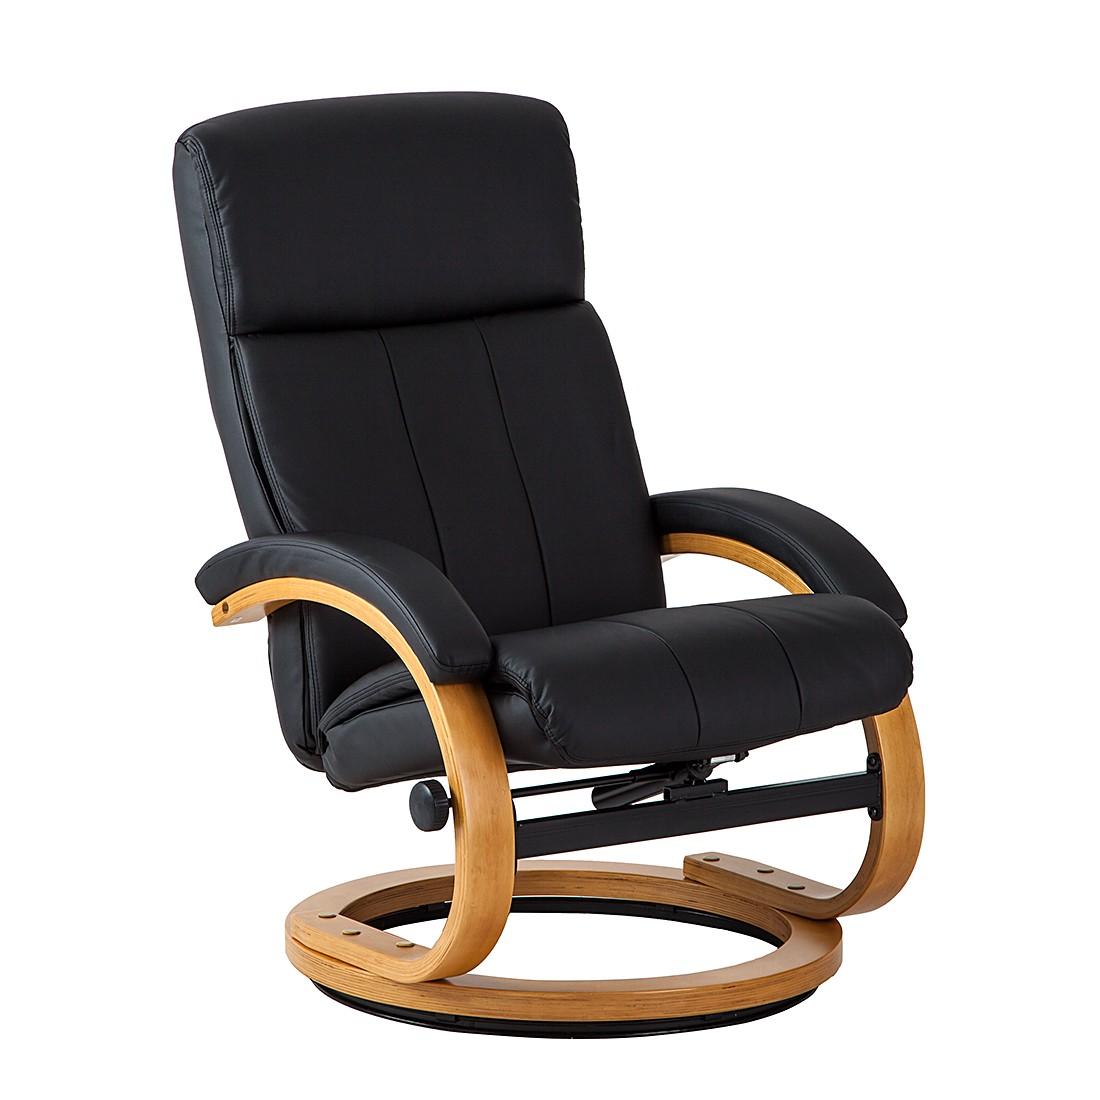 relaxsessel vancouver mit hocker kunstleder schwarz tv. Black Bedroom Furniture Sets. Home Design Ideas